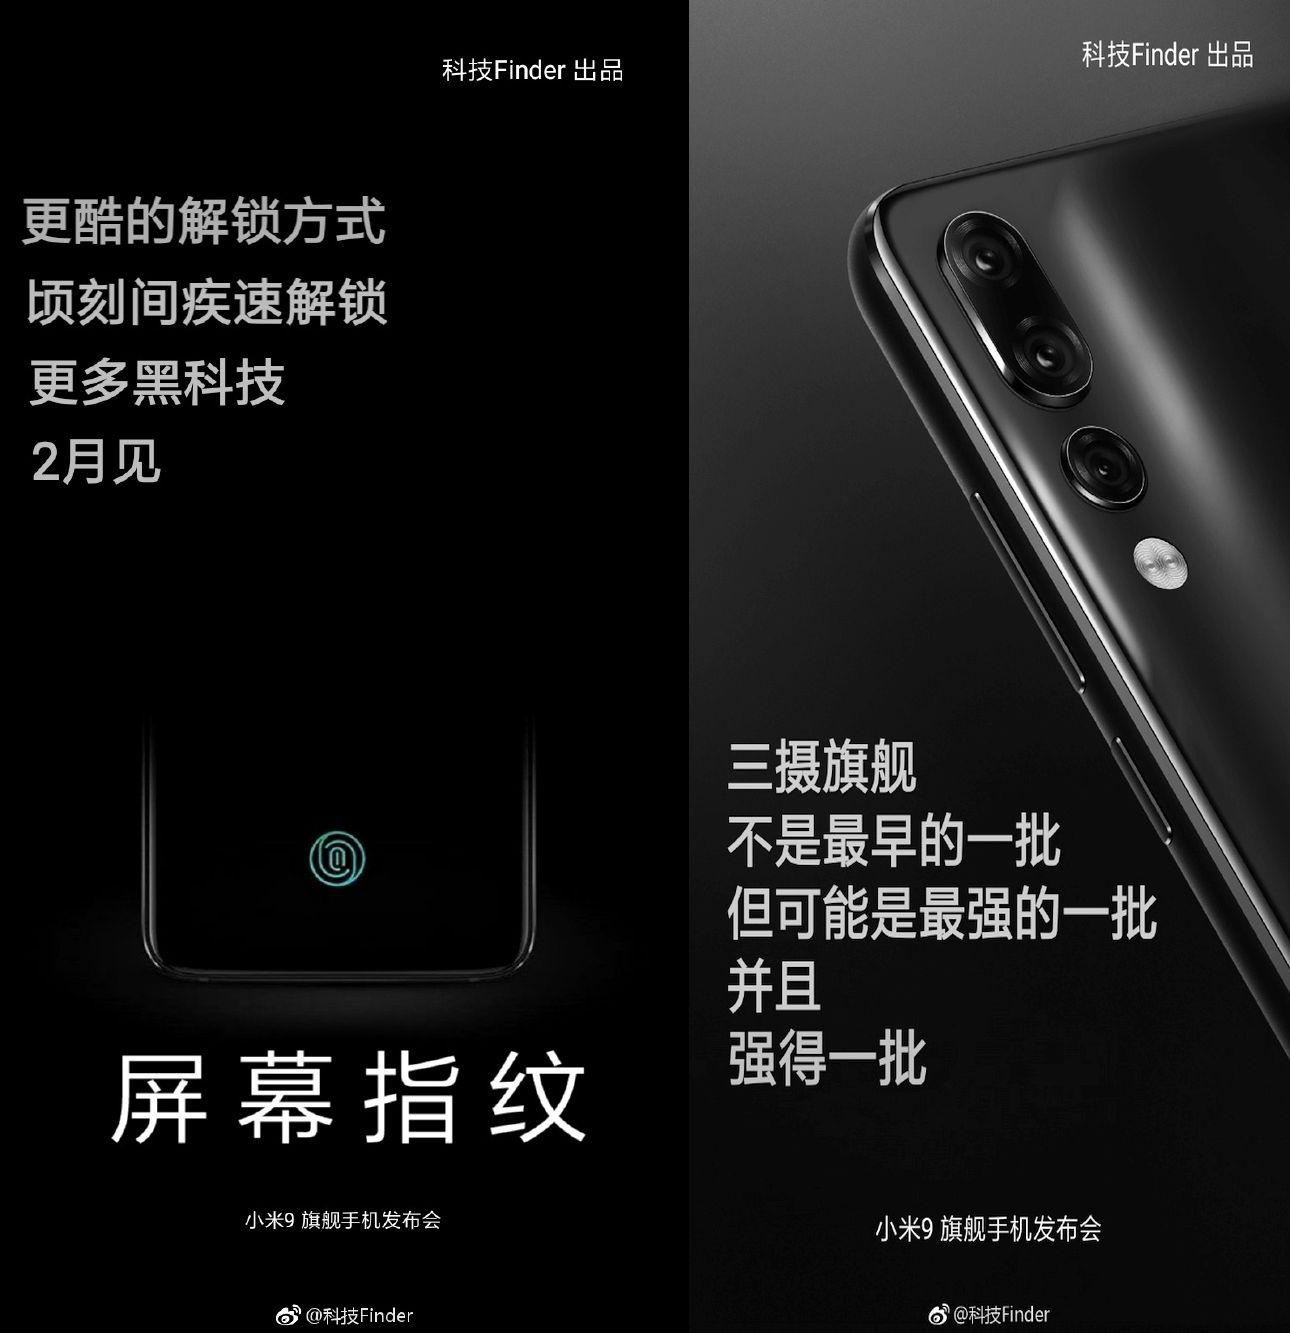 Xiaomi-Mi-9-teaser